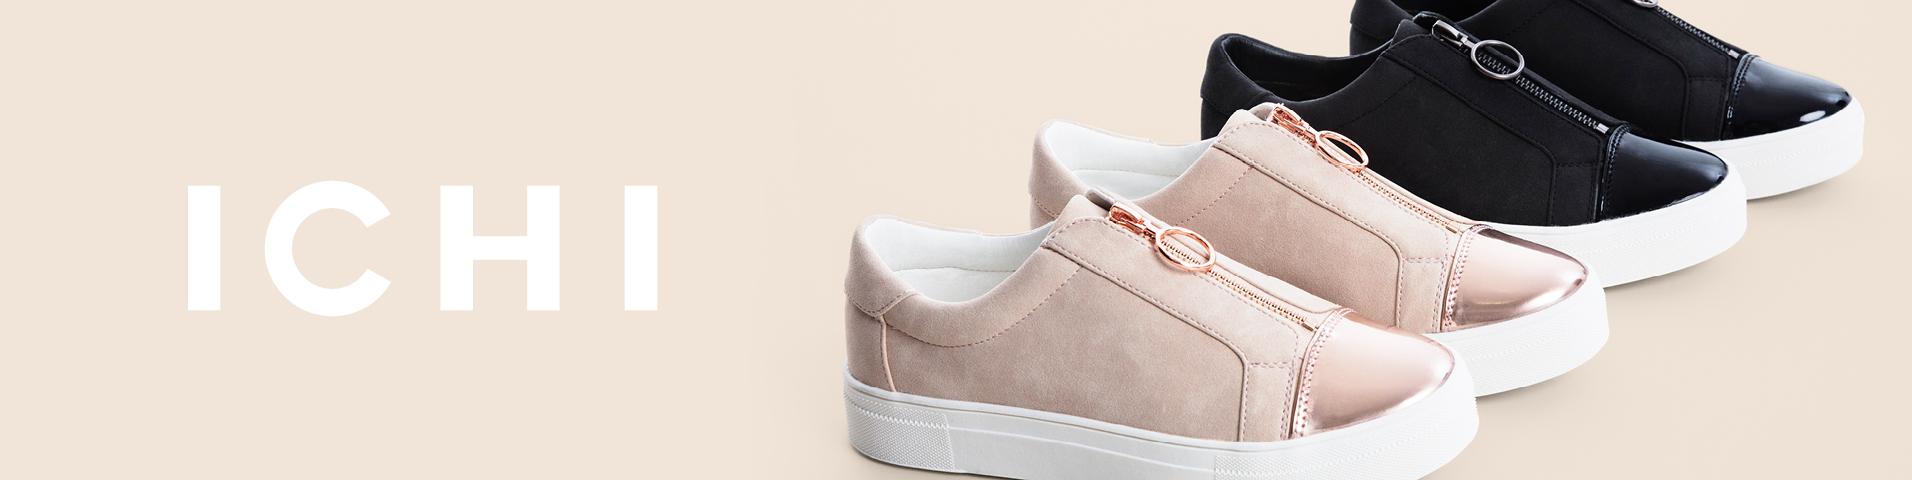 Scarpe donna ICHI | Grande assortimento di calzature su Zalando